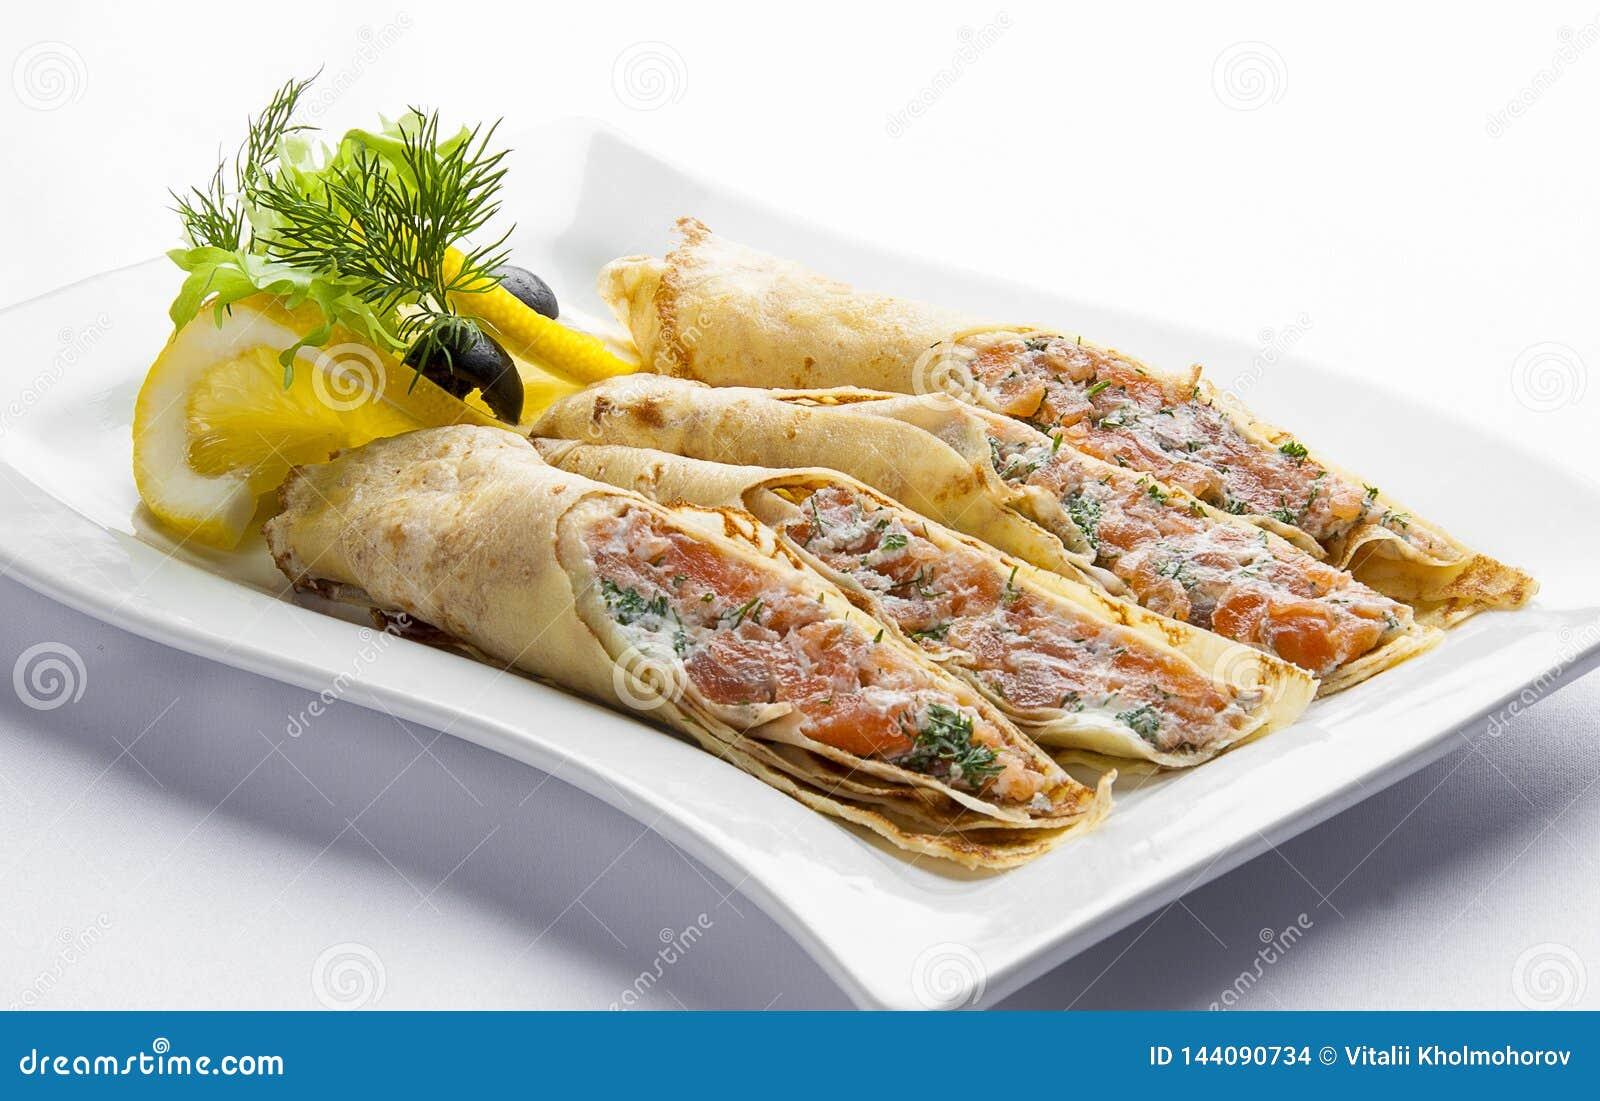 Блинчики с семгами и плавленым сыром на белой плите